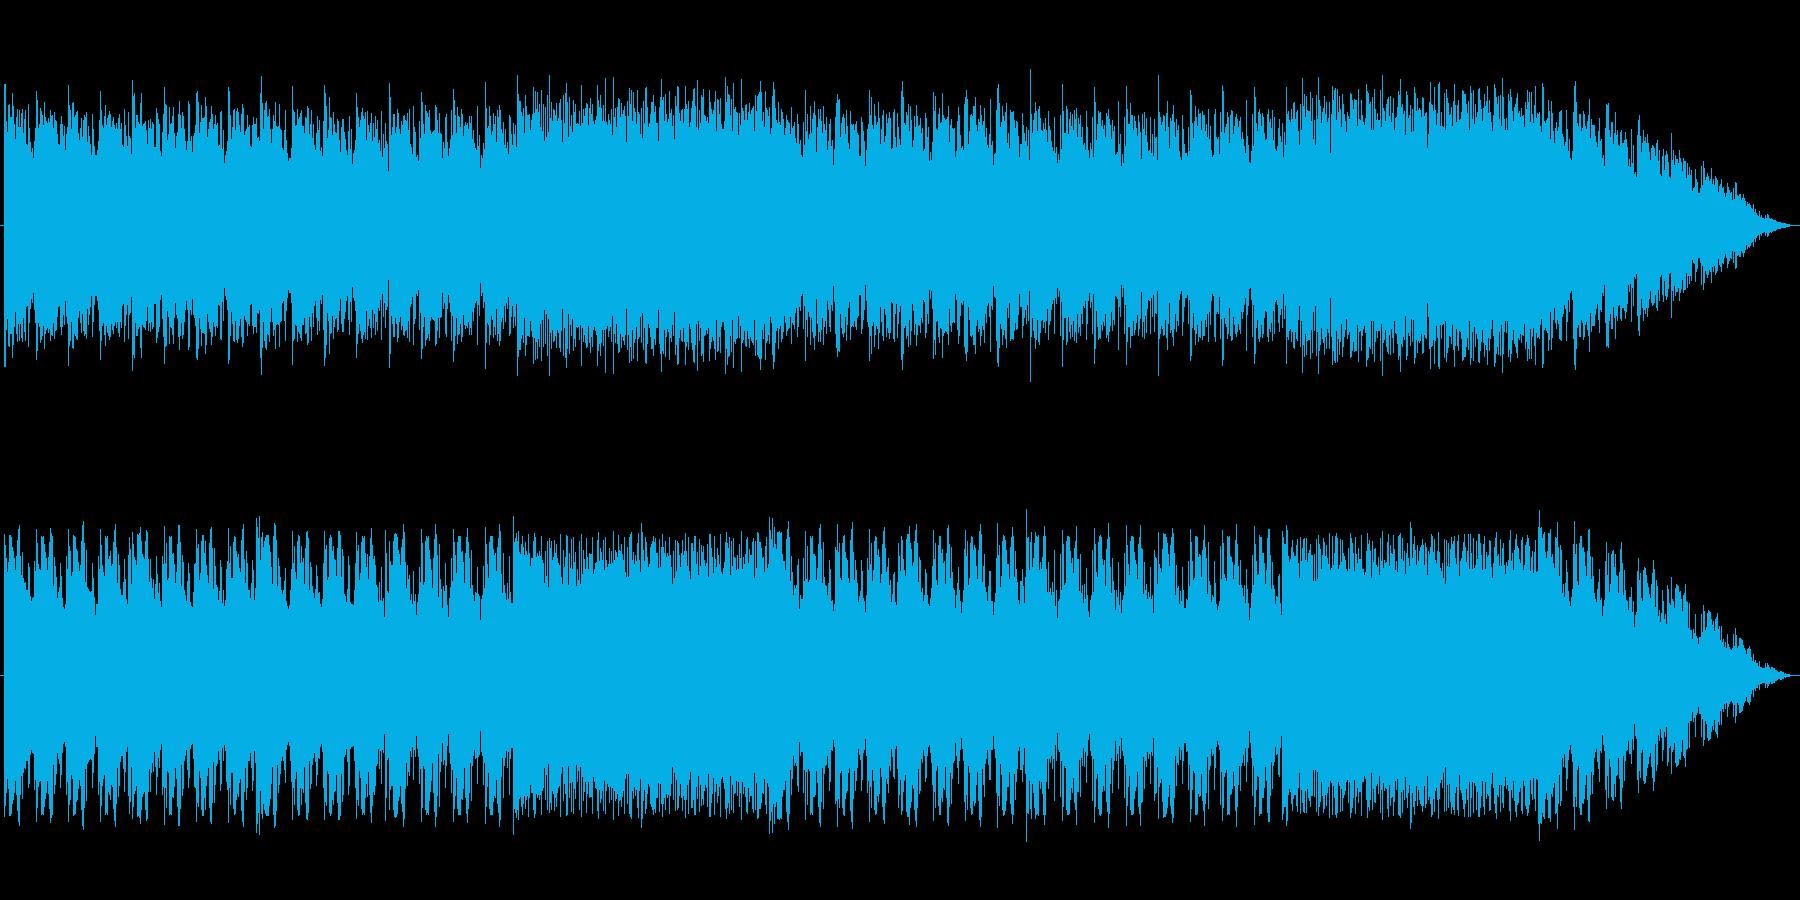 変身 超能力 超科学 サイバーパンクの再生済みの波形